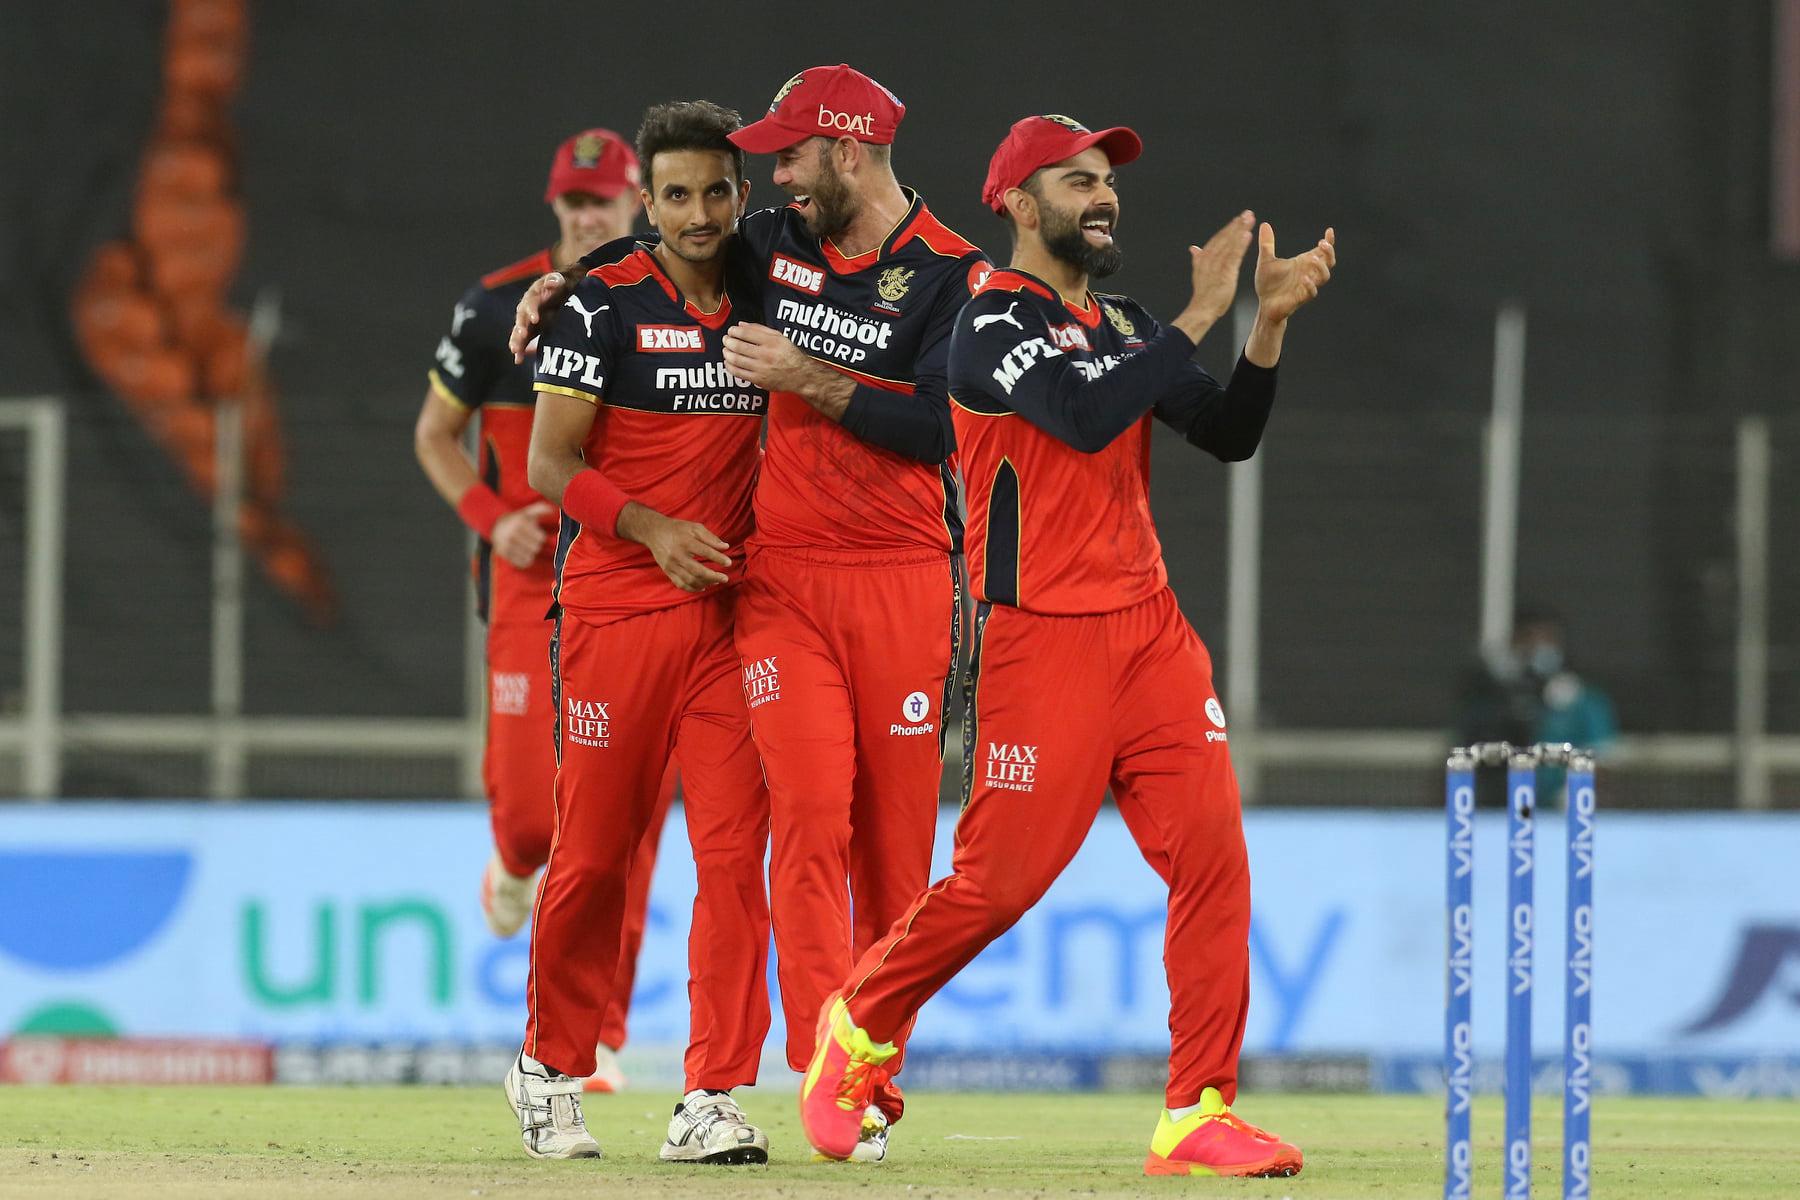 🏏 IPL 2021 ১ রানে রোমাঞ্চকর জয় ব্যাঙ্গালুরুর